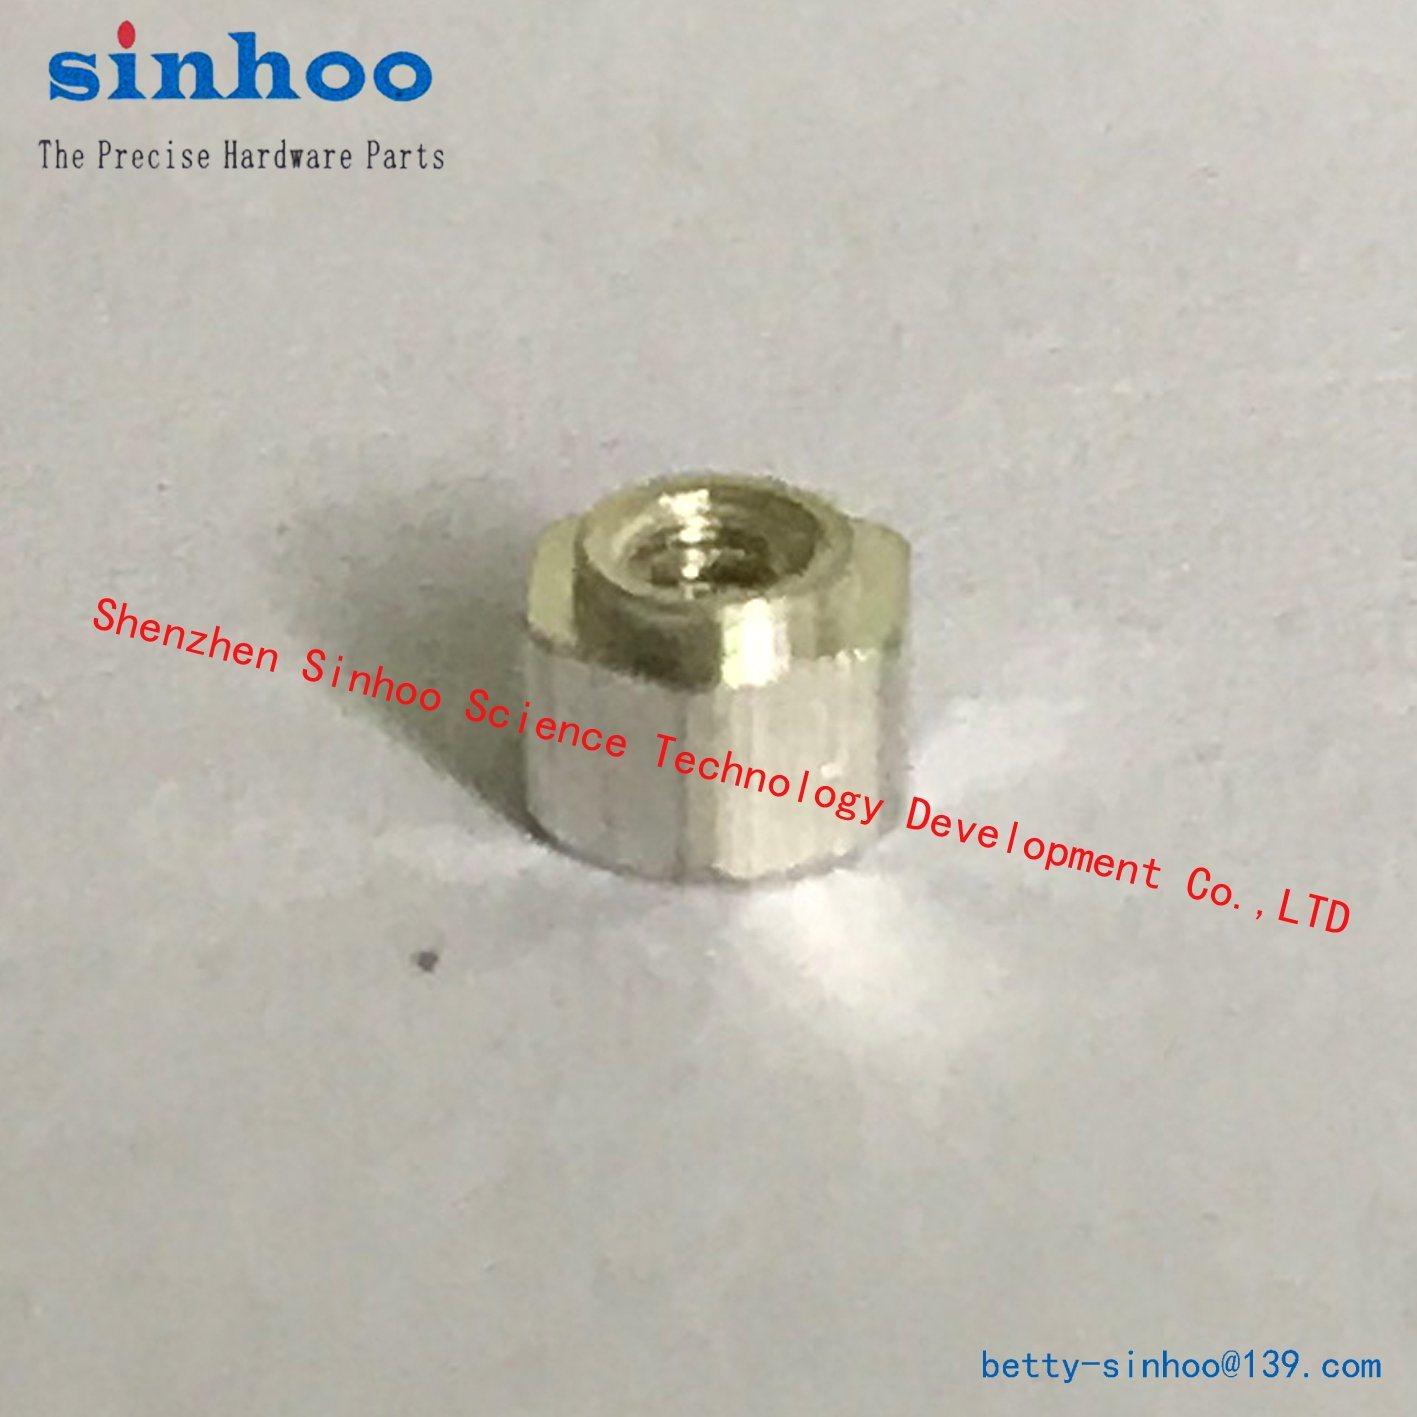 Hex Nut, Pem Nut, SMT Nut, M1.6-3, Standoff, Standard, Stock, Smtso, Tin Nut, SMD, SMT, Steel, Bulk